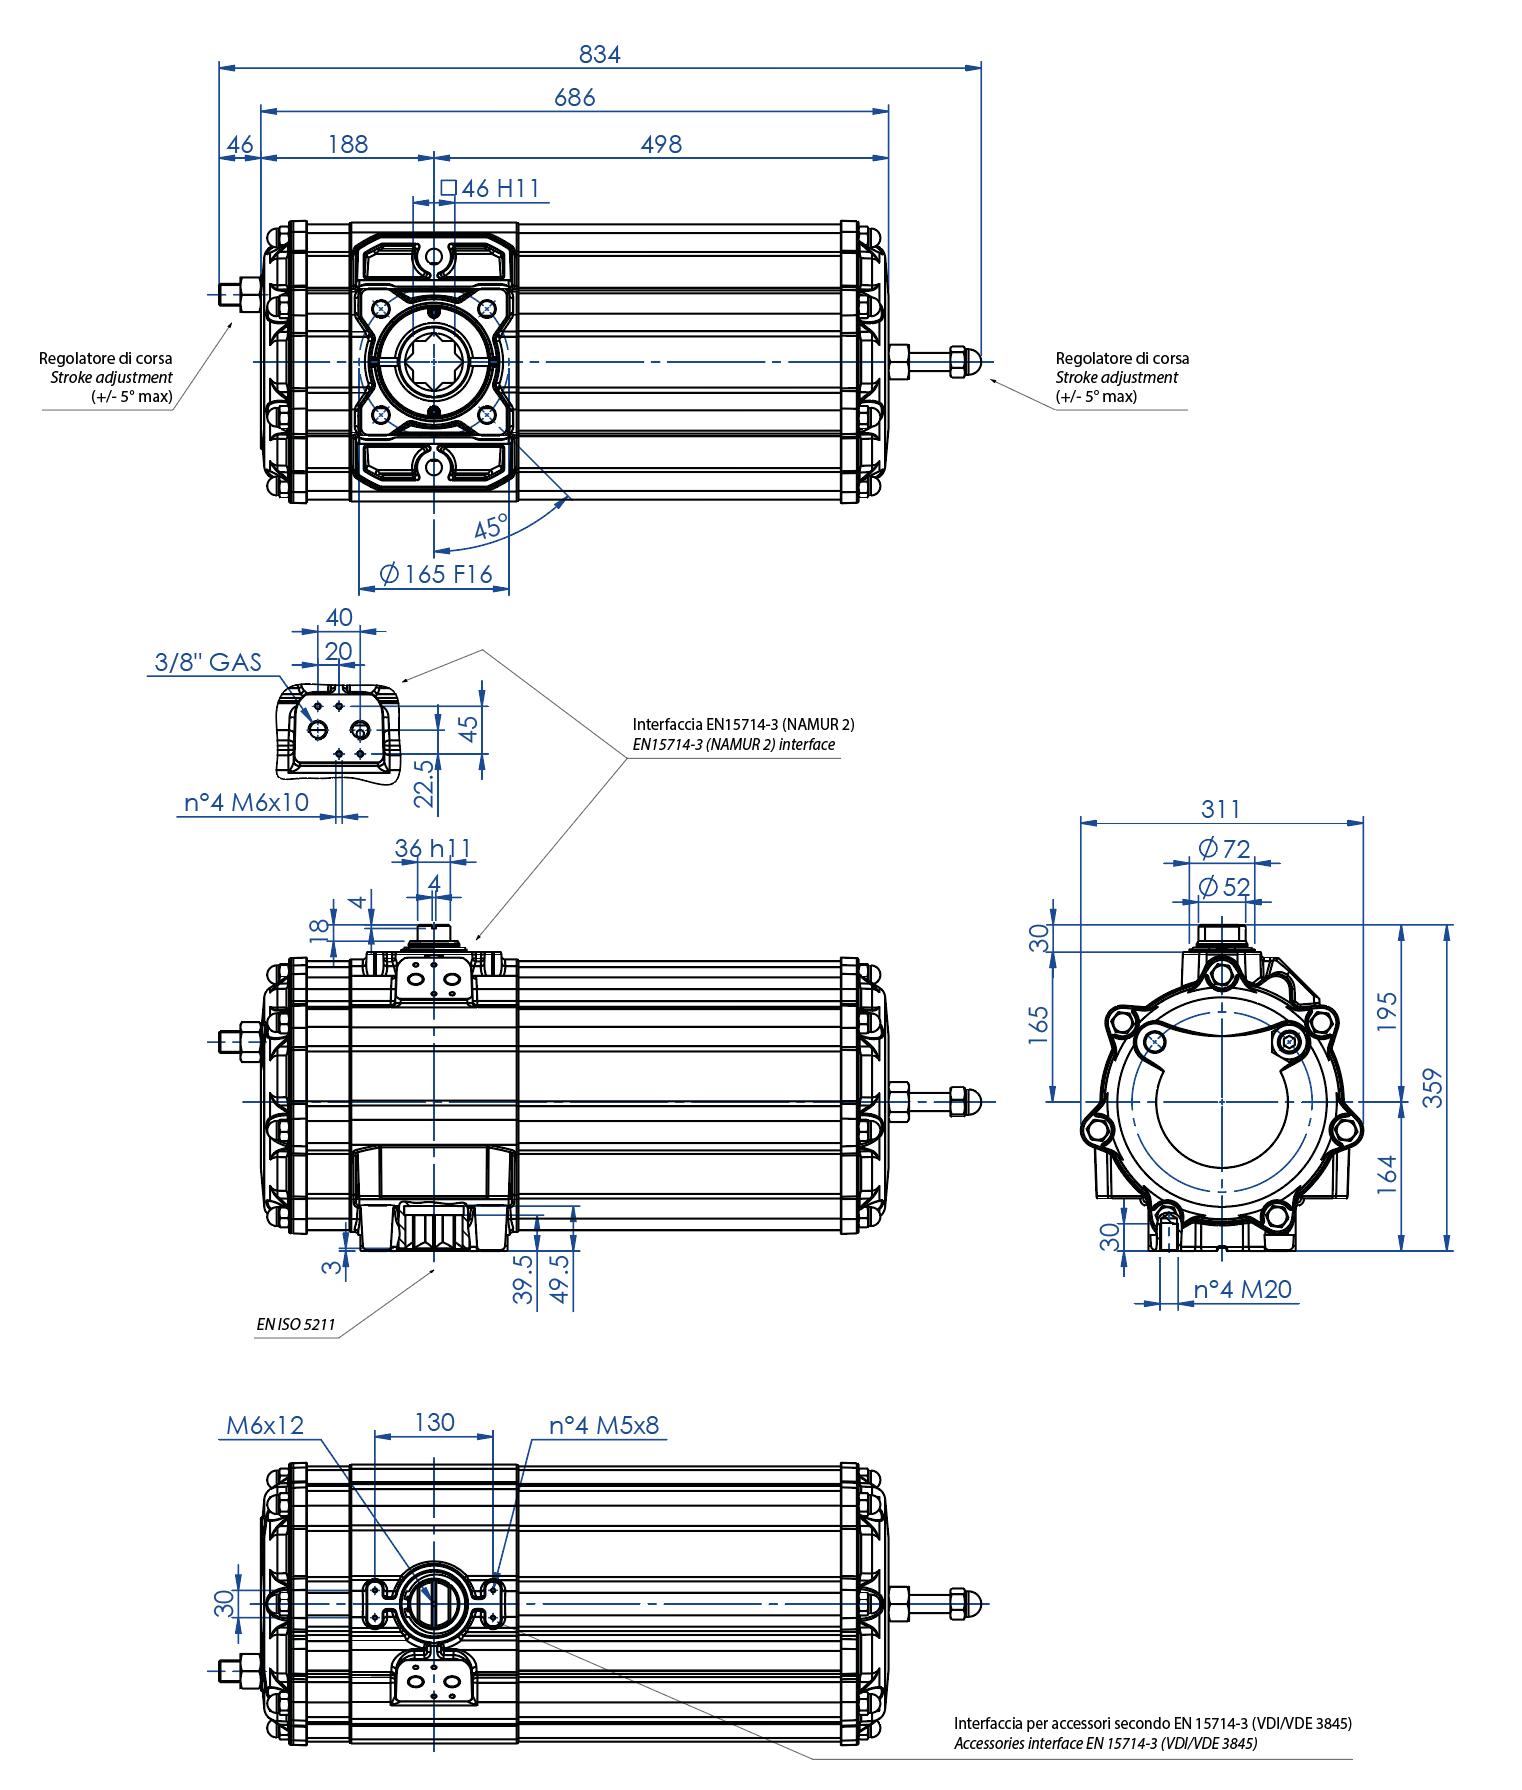 Aluminium GS (spring return) pneumatic actuator - dimensions - Spring return pneumatic actuator size GS1440 (Nm)